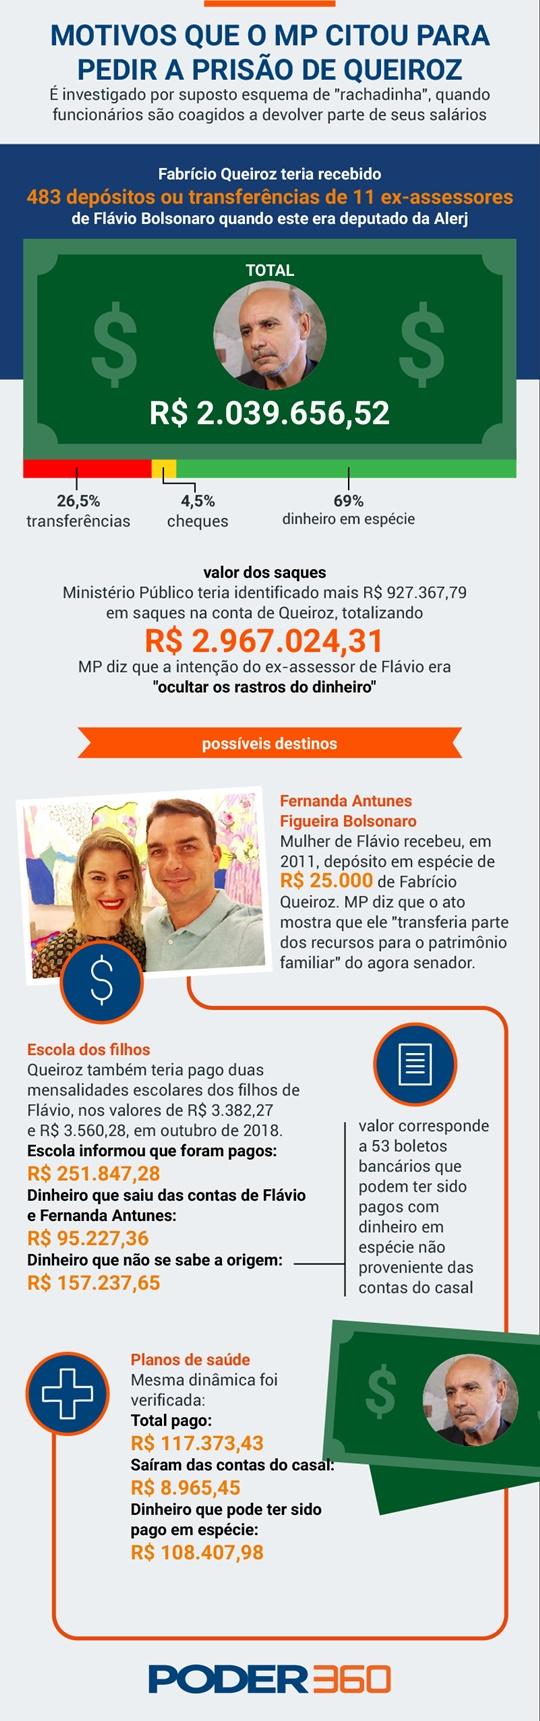 www.seuguara.com.br/motivos da prisão de Queiroz/